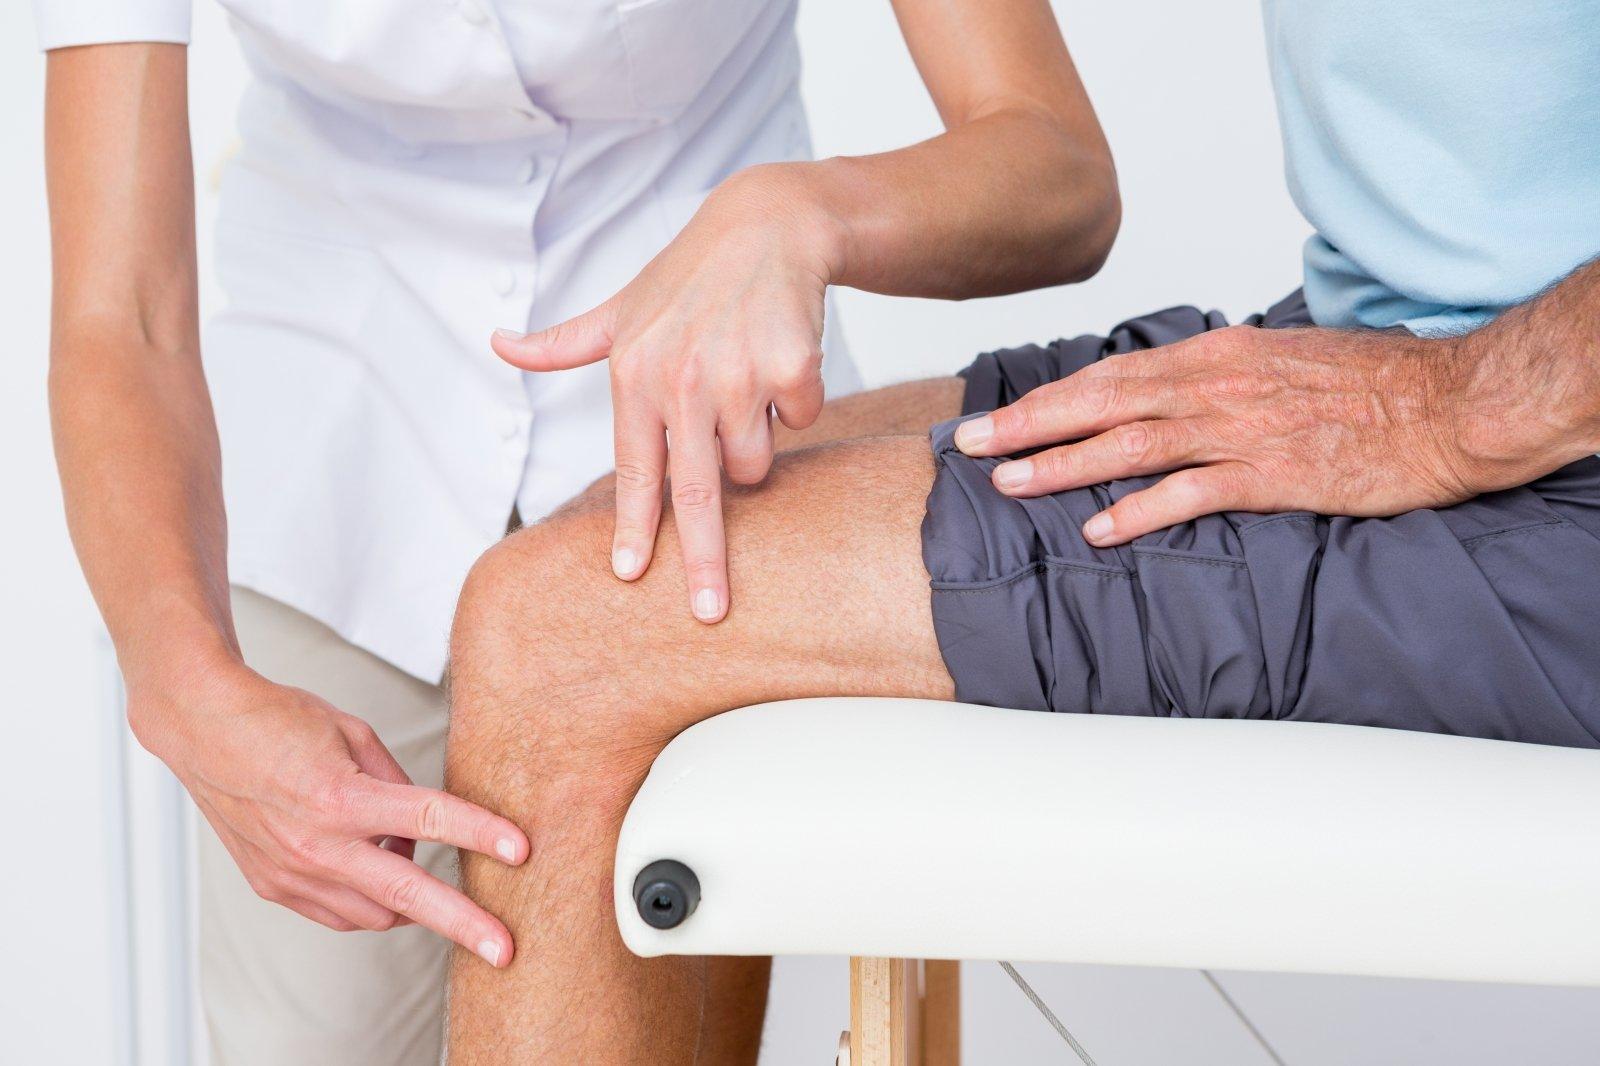 kaip pašalinti skausmą sąnariuose osteochondrozės metu